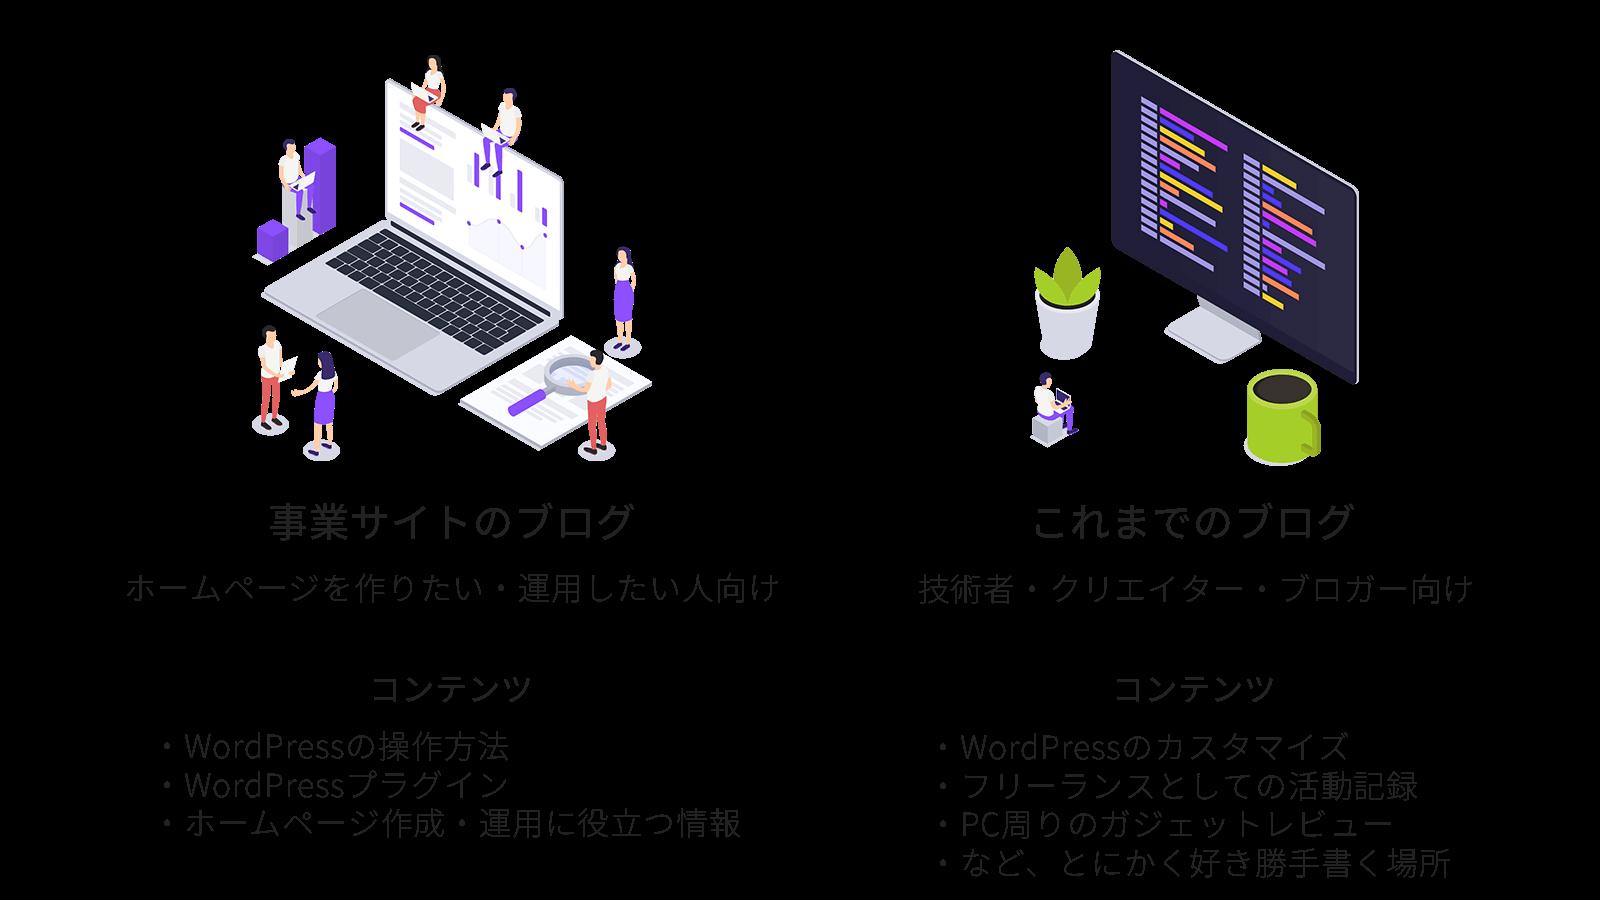 暁事業ブログと既存ブログの棲み分け